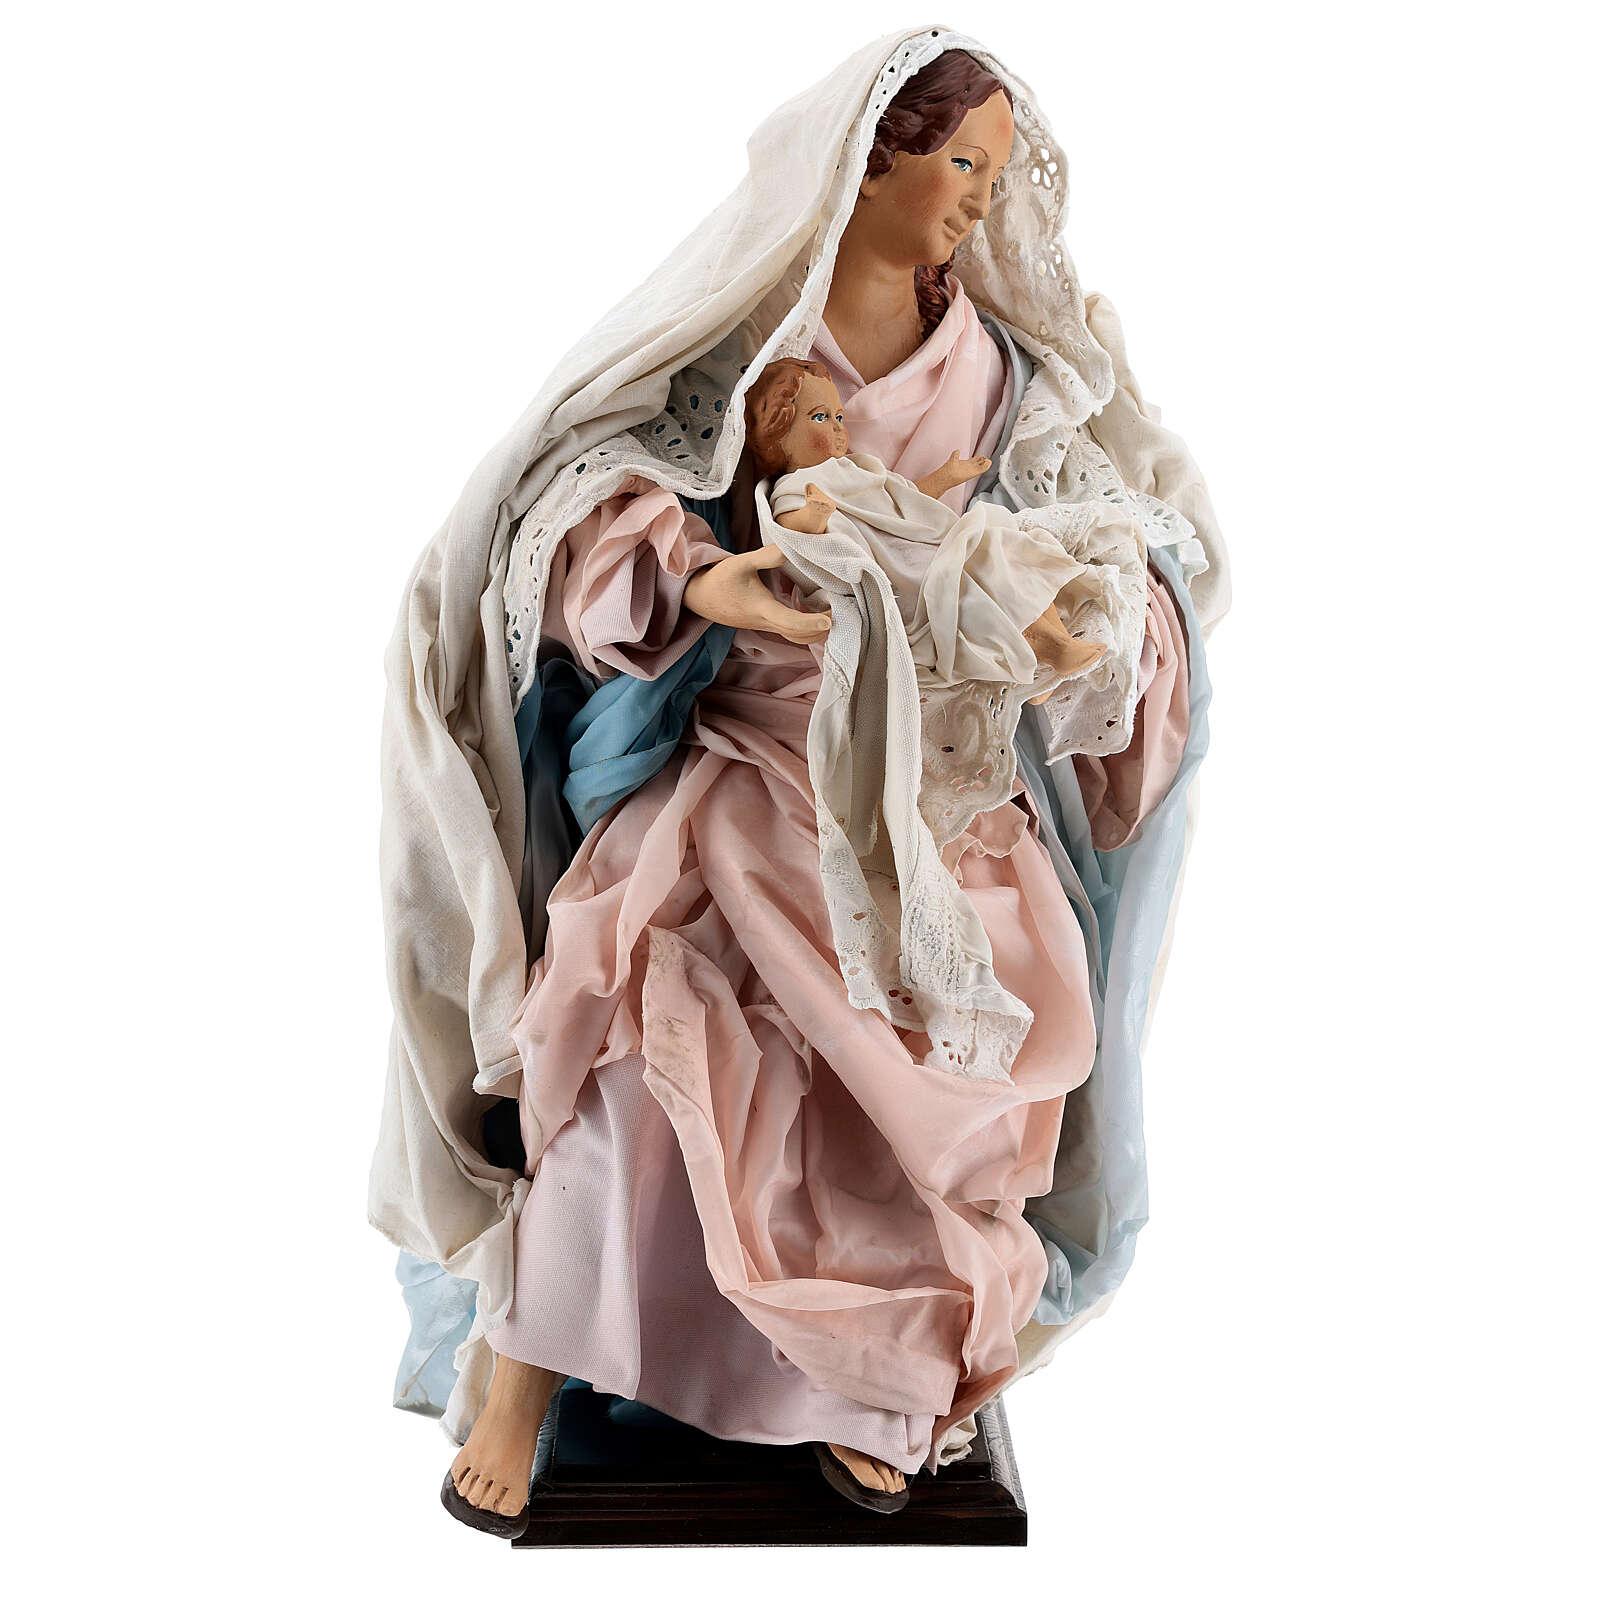 Statue Vierge à l'Enfant crèche napolitaine terre cuite 50 cm 4